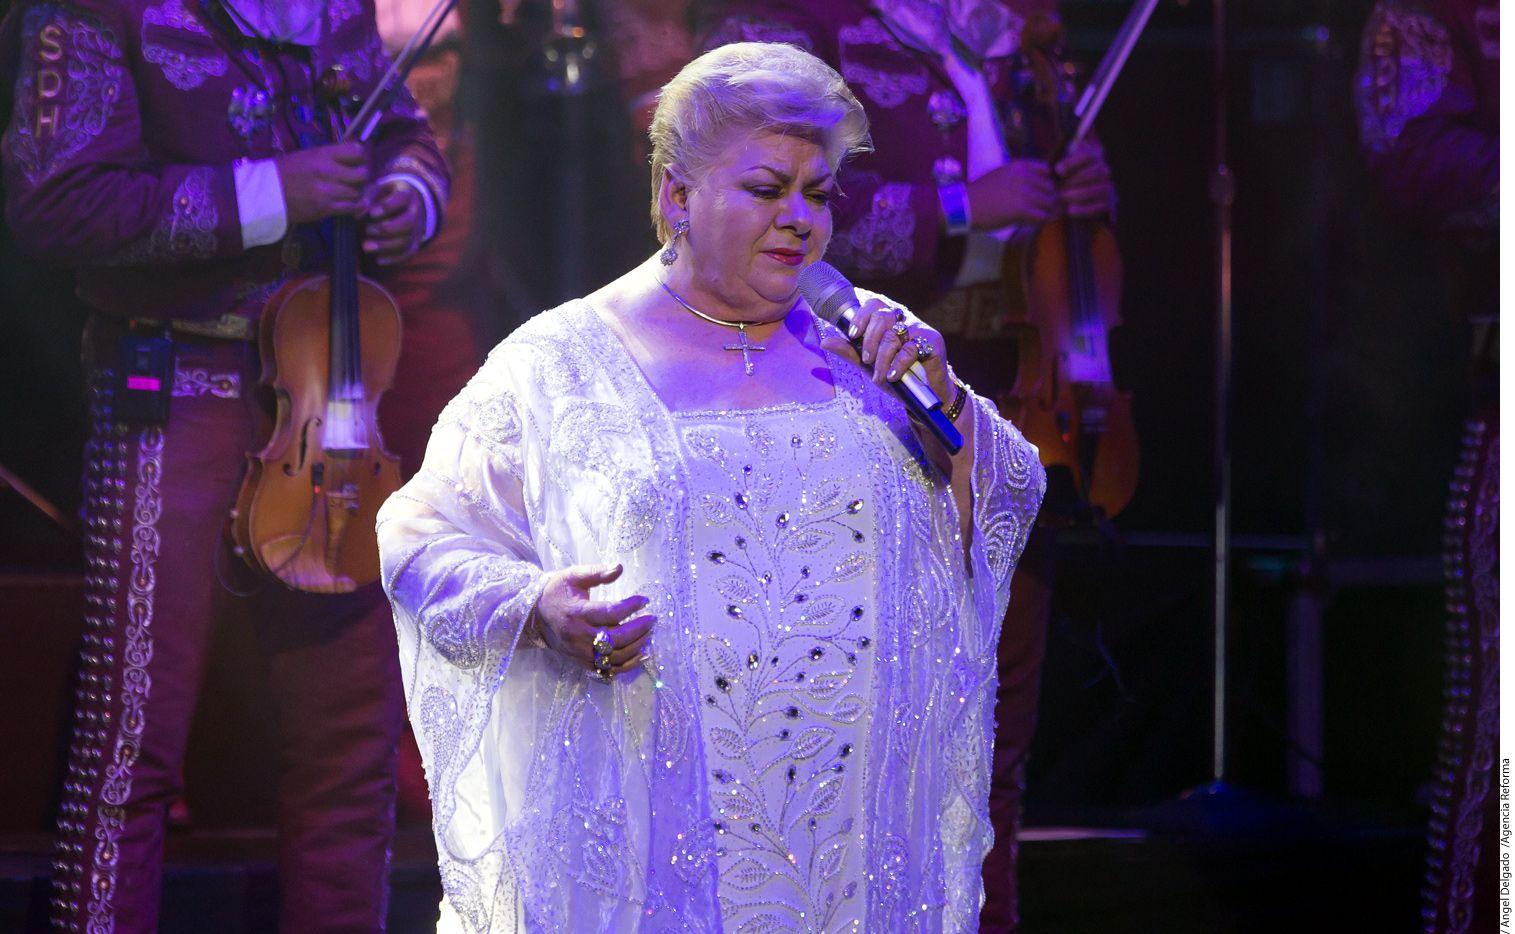 """La cantante Paquita la del Barrio actuará junto a Alicia Villarreal en el """"Duelo de Estrellas""""./AGENCIA REFORMA"""